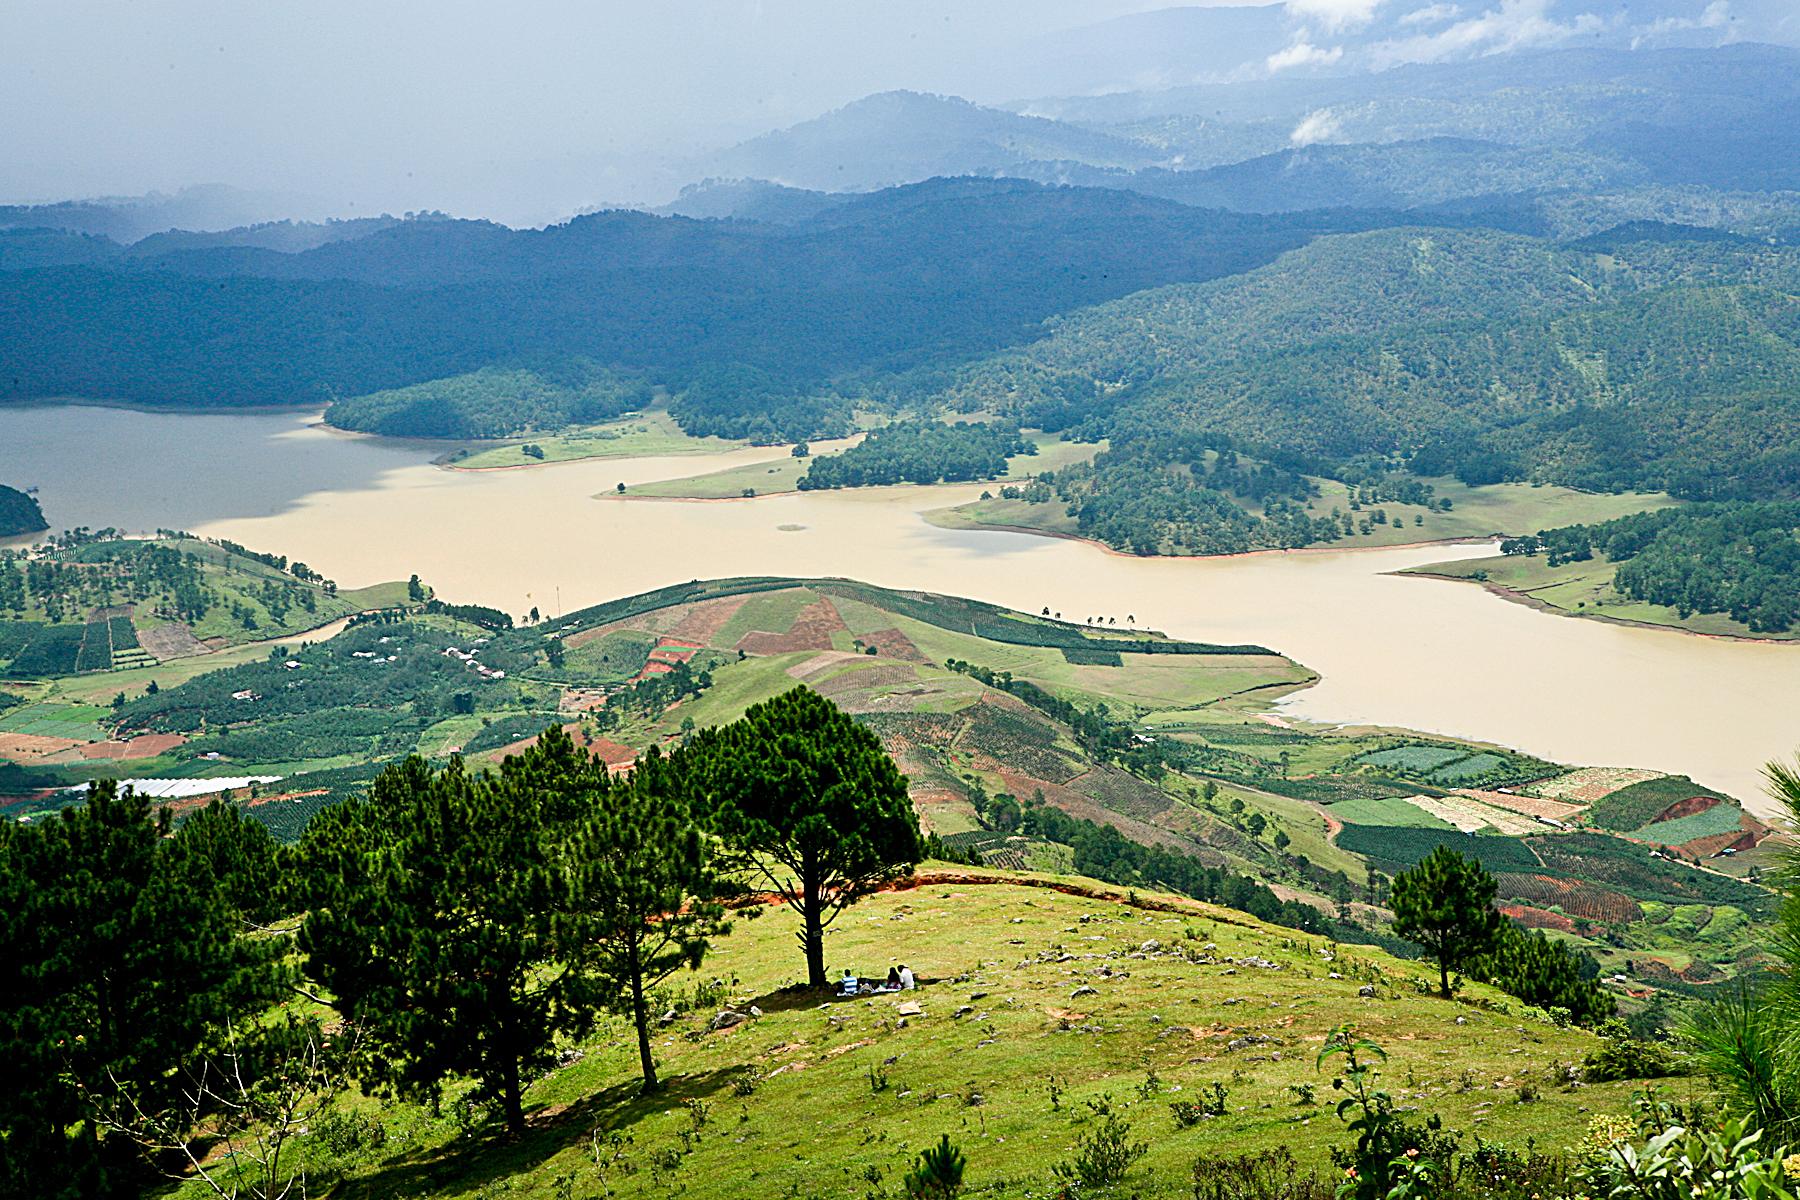 Khu canh tác nông nghiệp khu vực thung lũng phía bắc Đà Lạt